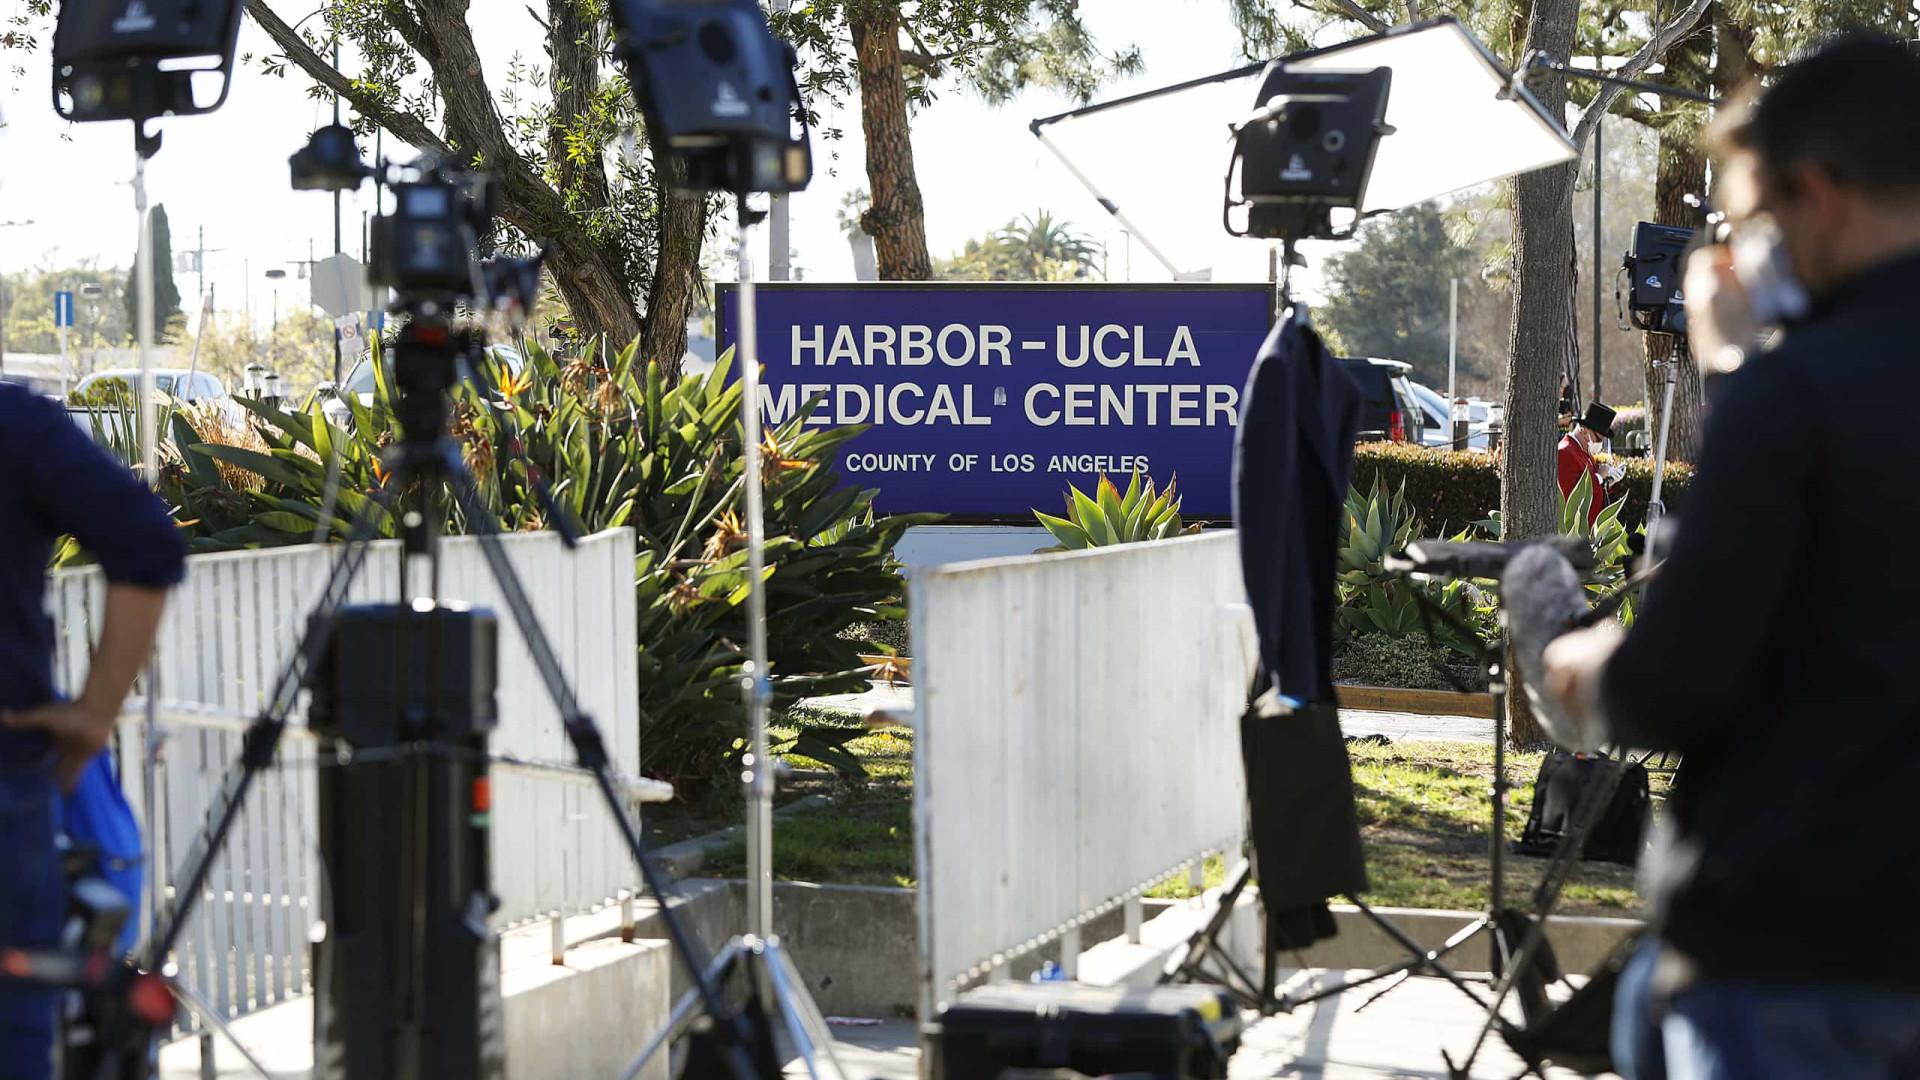 Dois dias após cirurgia, Tiger Woods é transferido de hospital em Los Angeles